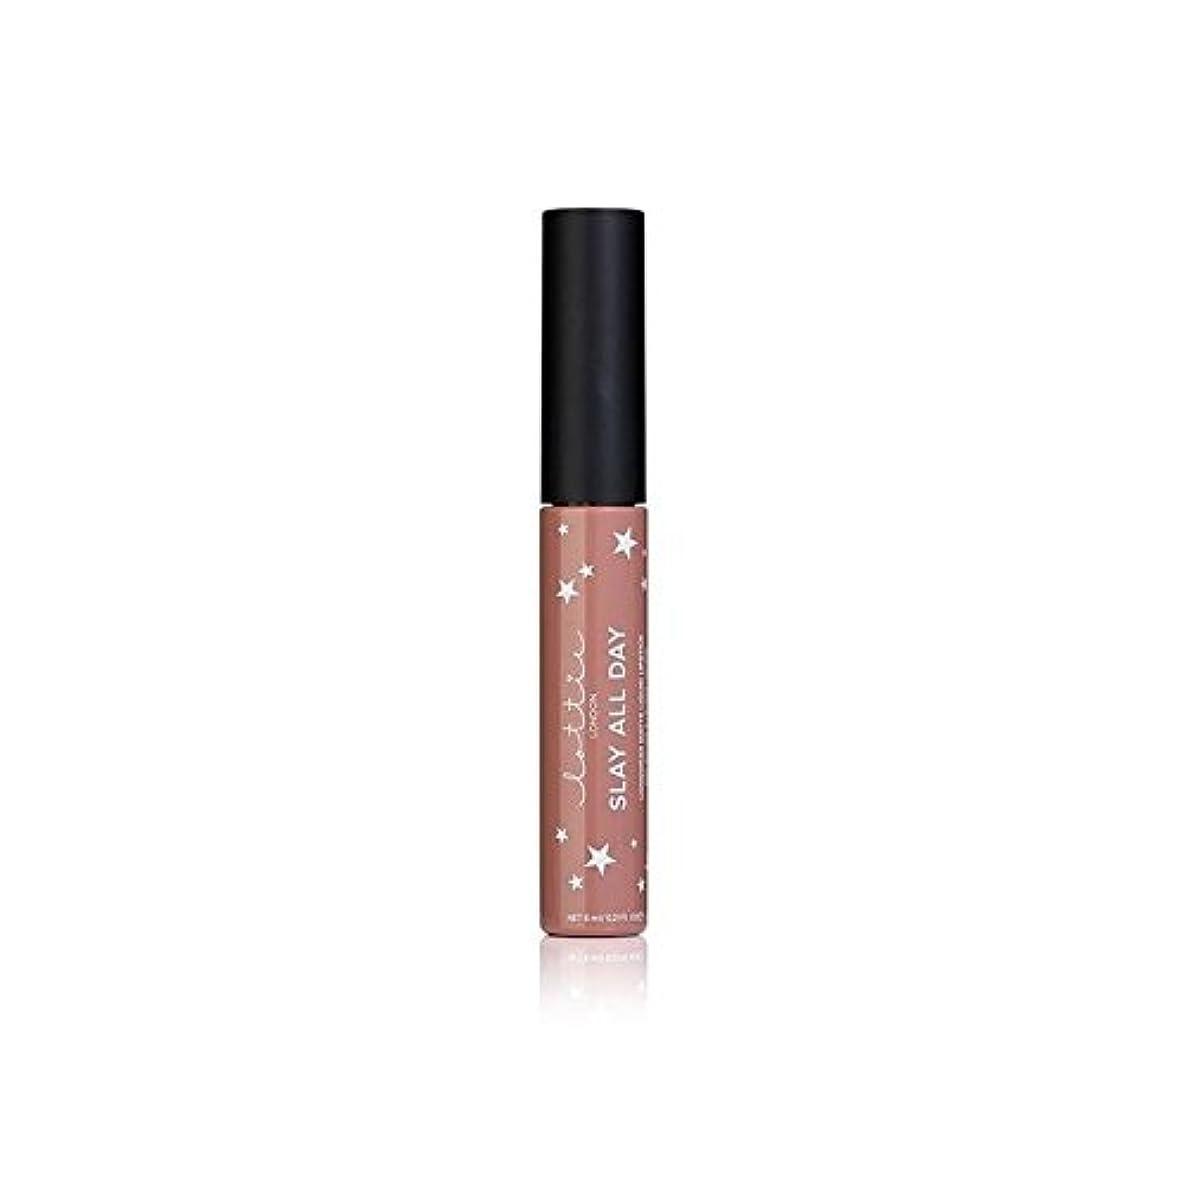 作りますエクステント里親Lottie London Matte Liquid Lipstick - Werk It - ロンドンマット液状口紅 - それを [並行輸入品]